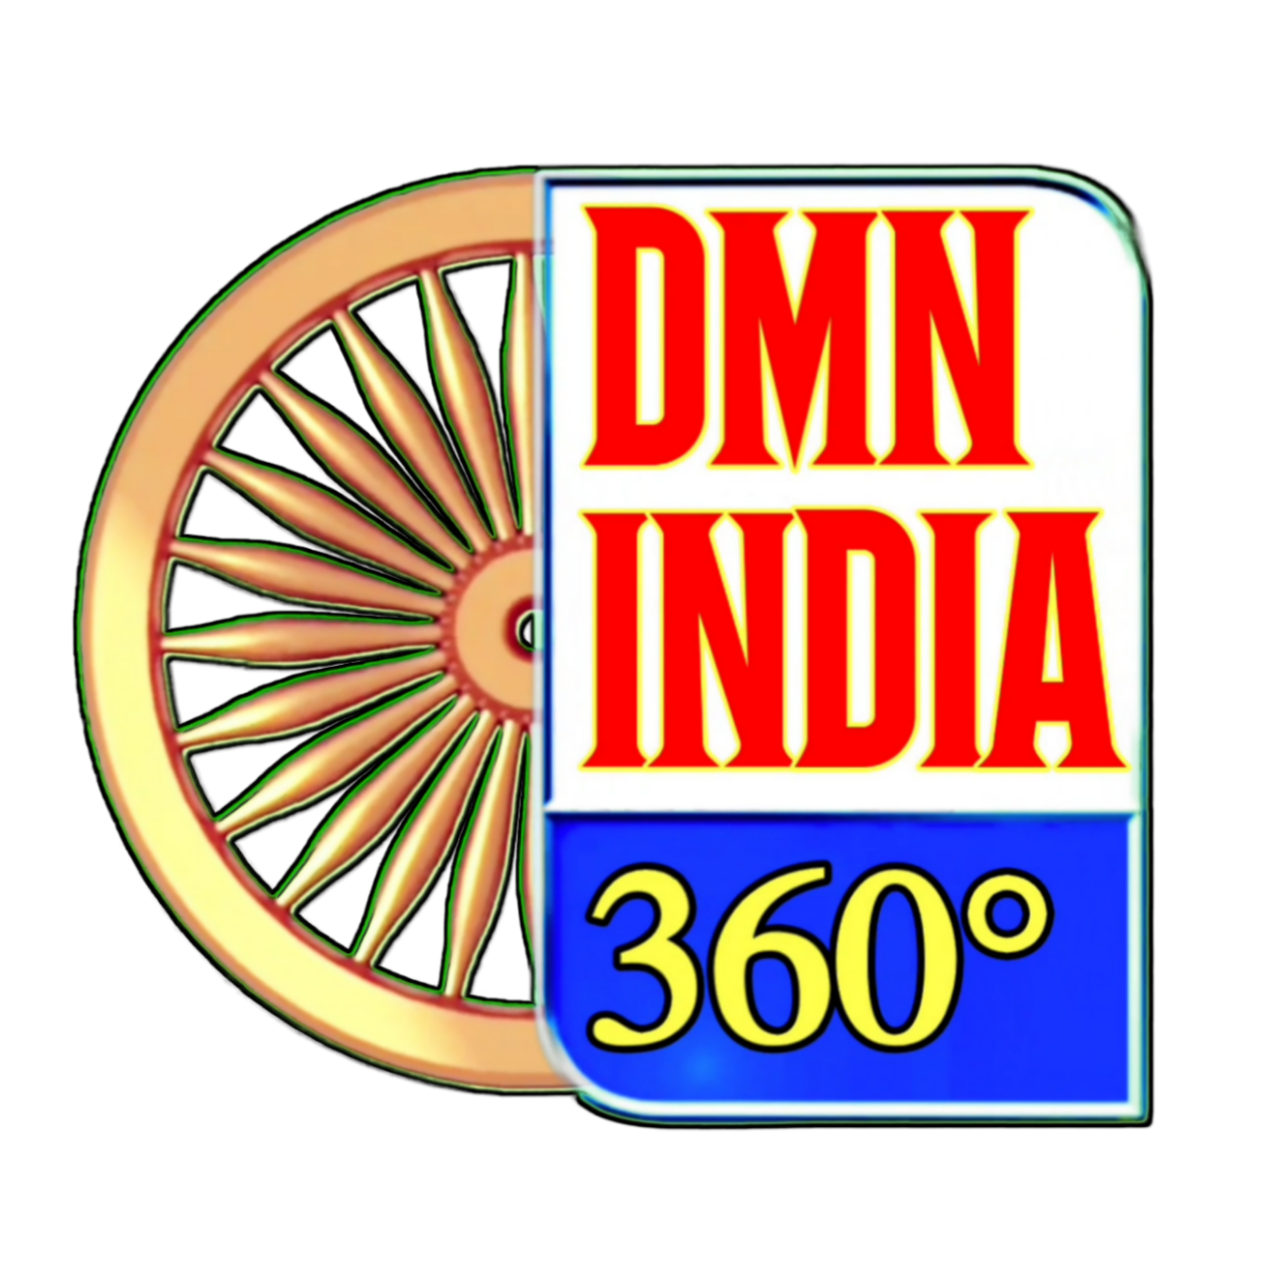 Dmn india 360